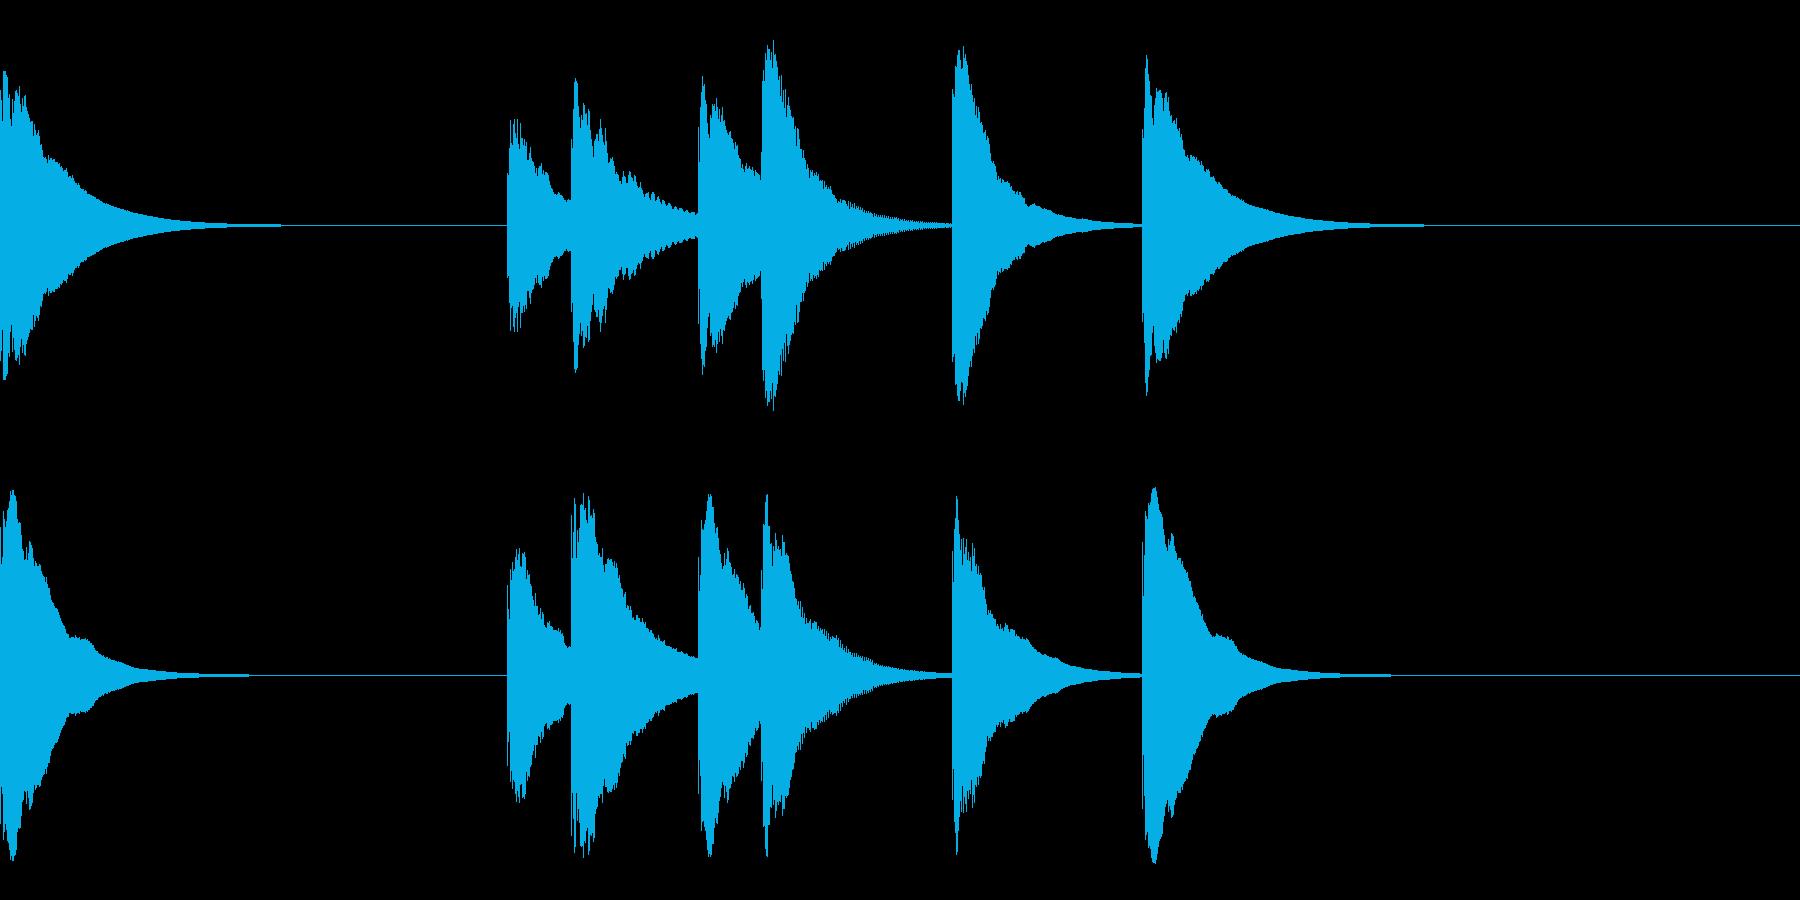 カレーがおいしかった時のジングル3秒の再生済みの波形